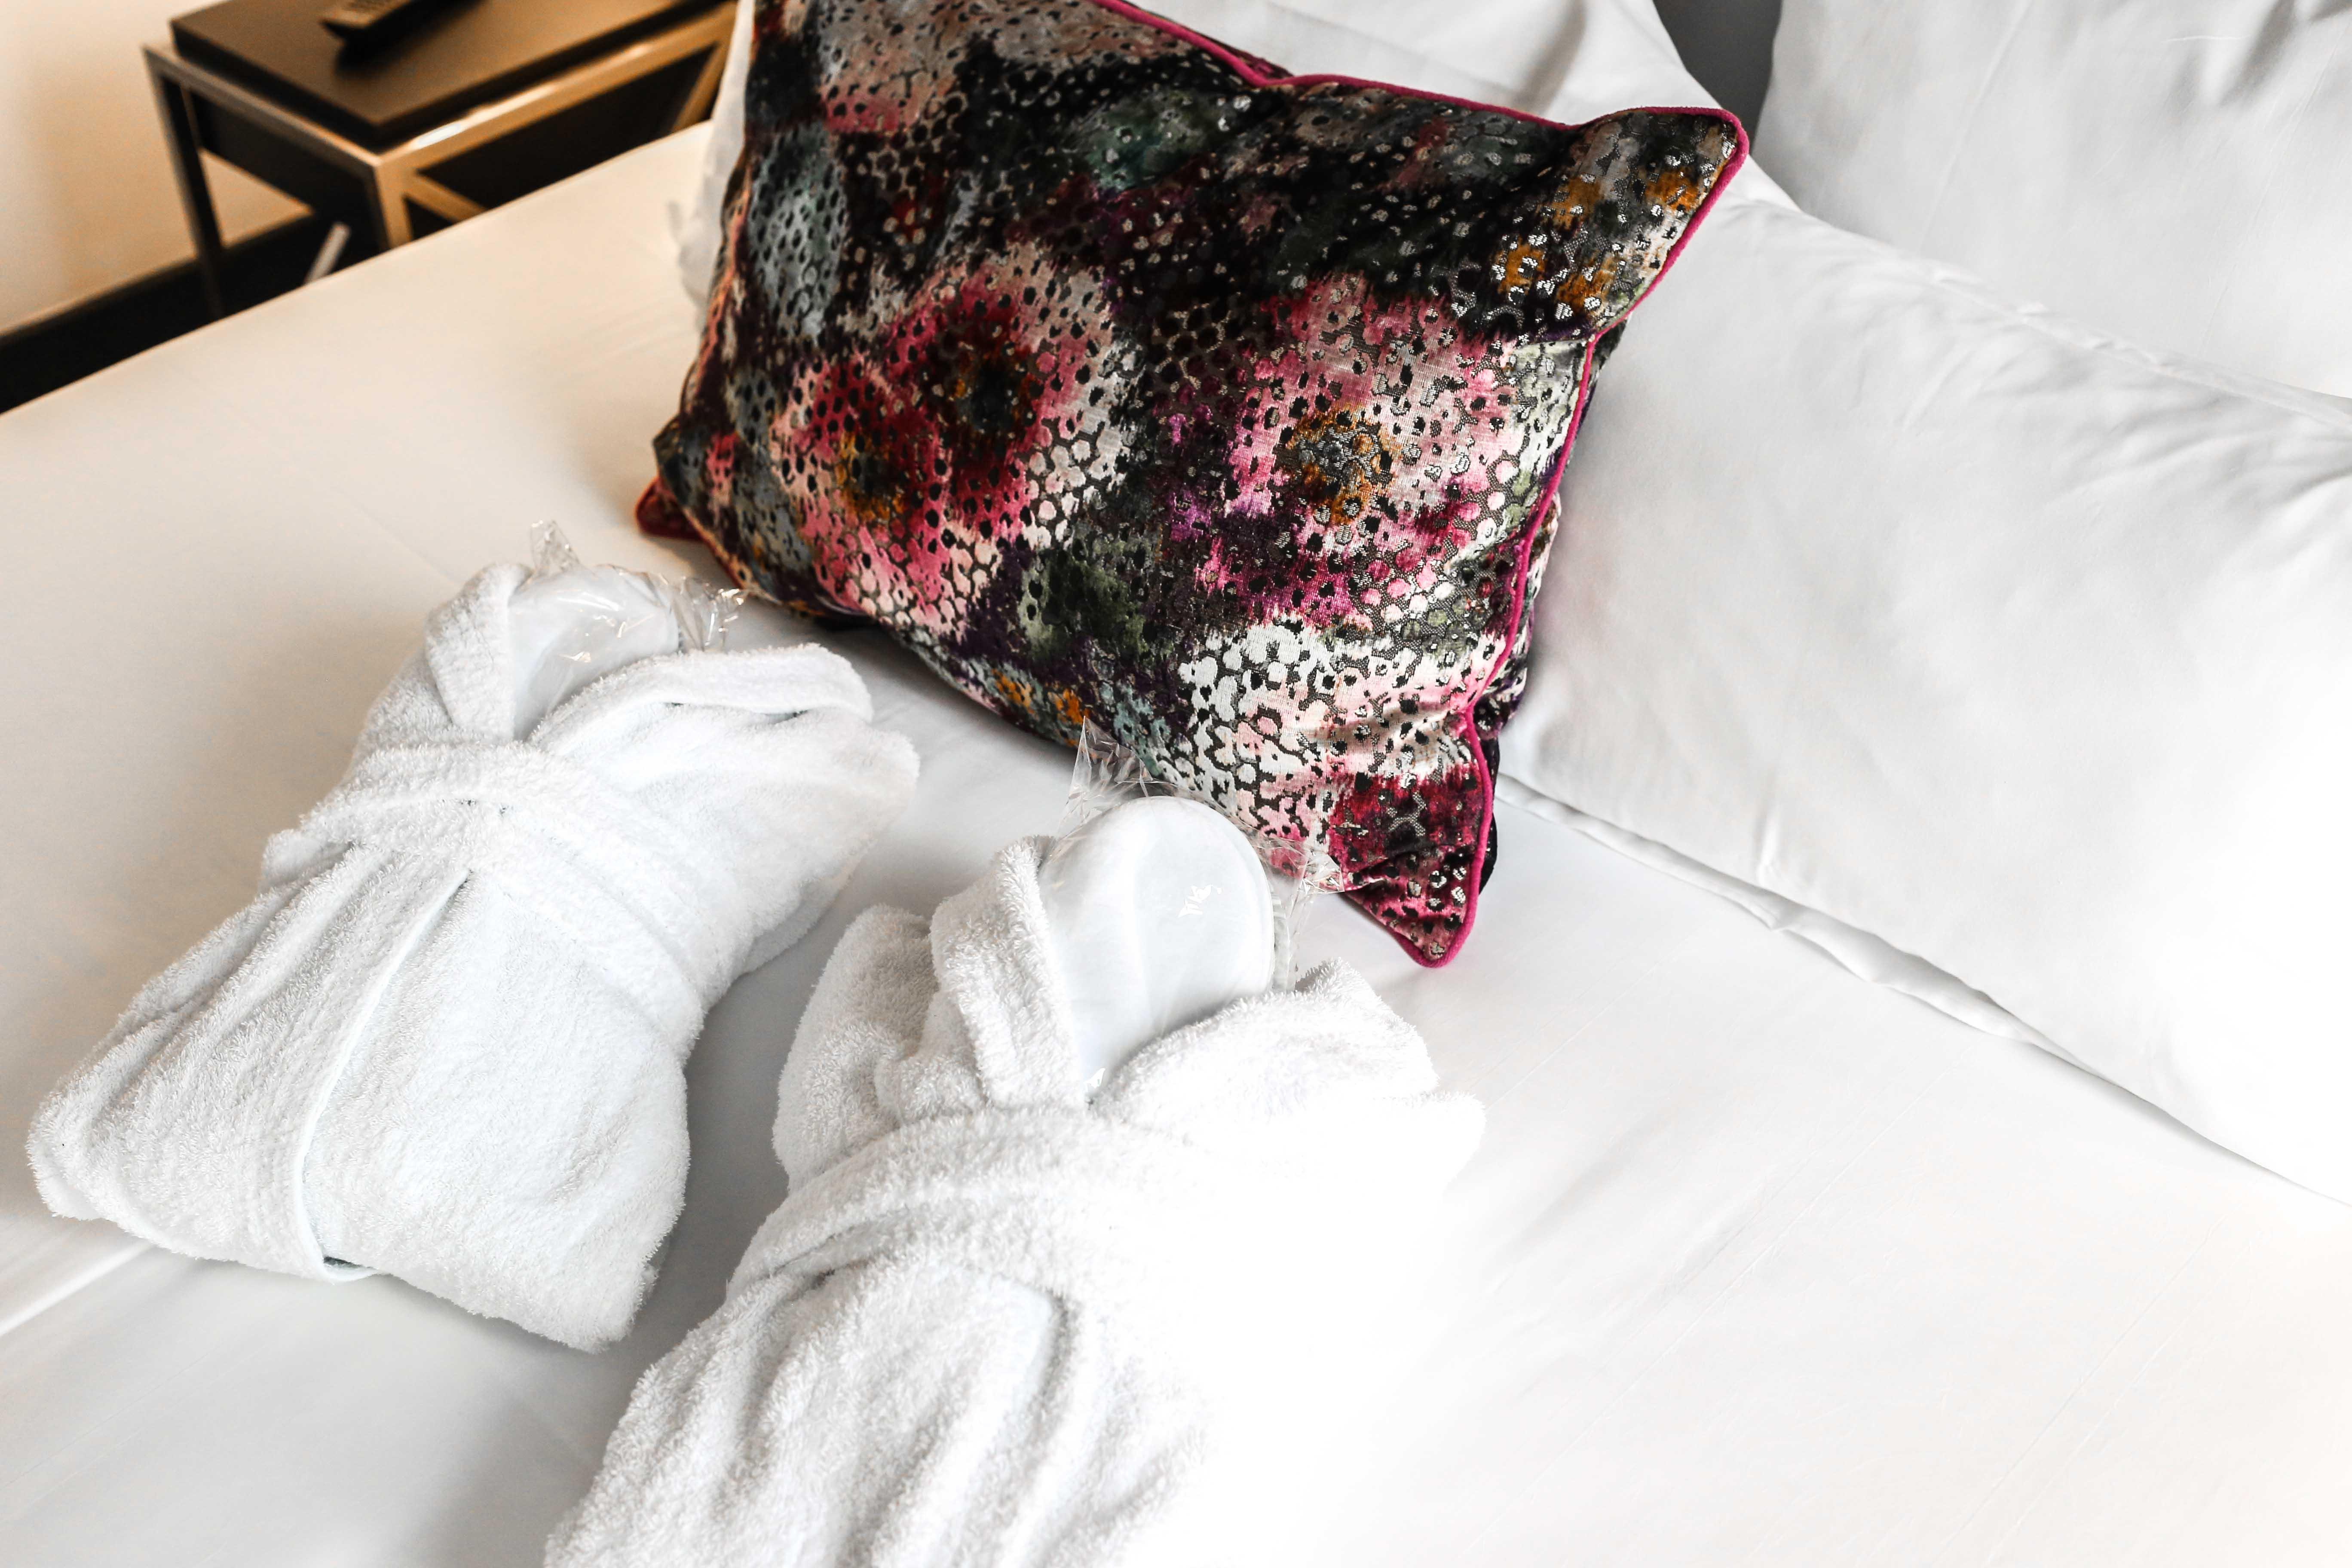 hotel-gustave-4-sterne-hotel-paris-eiffelturm-lage-erfahrung-bericht-reiseblog-travelblog_0645